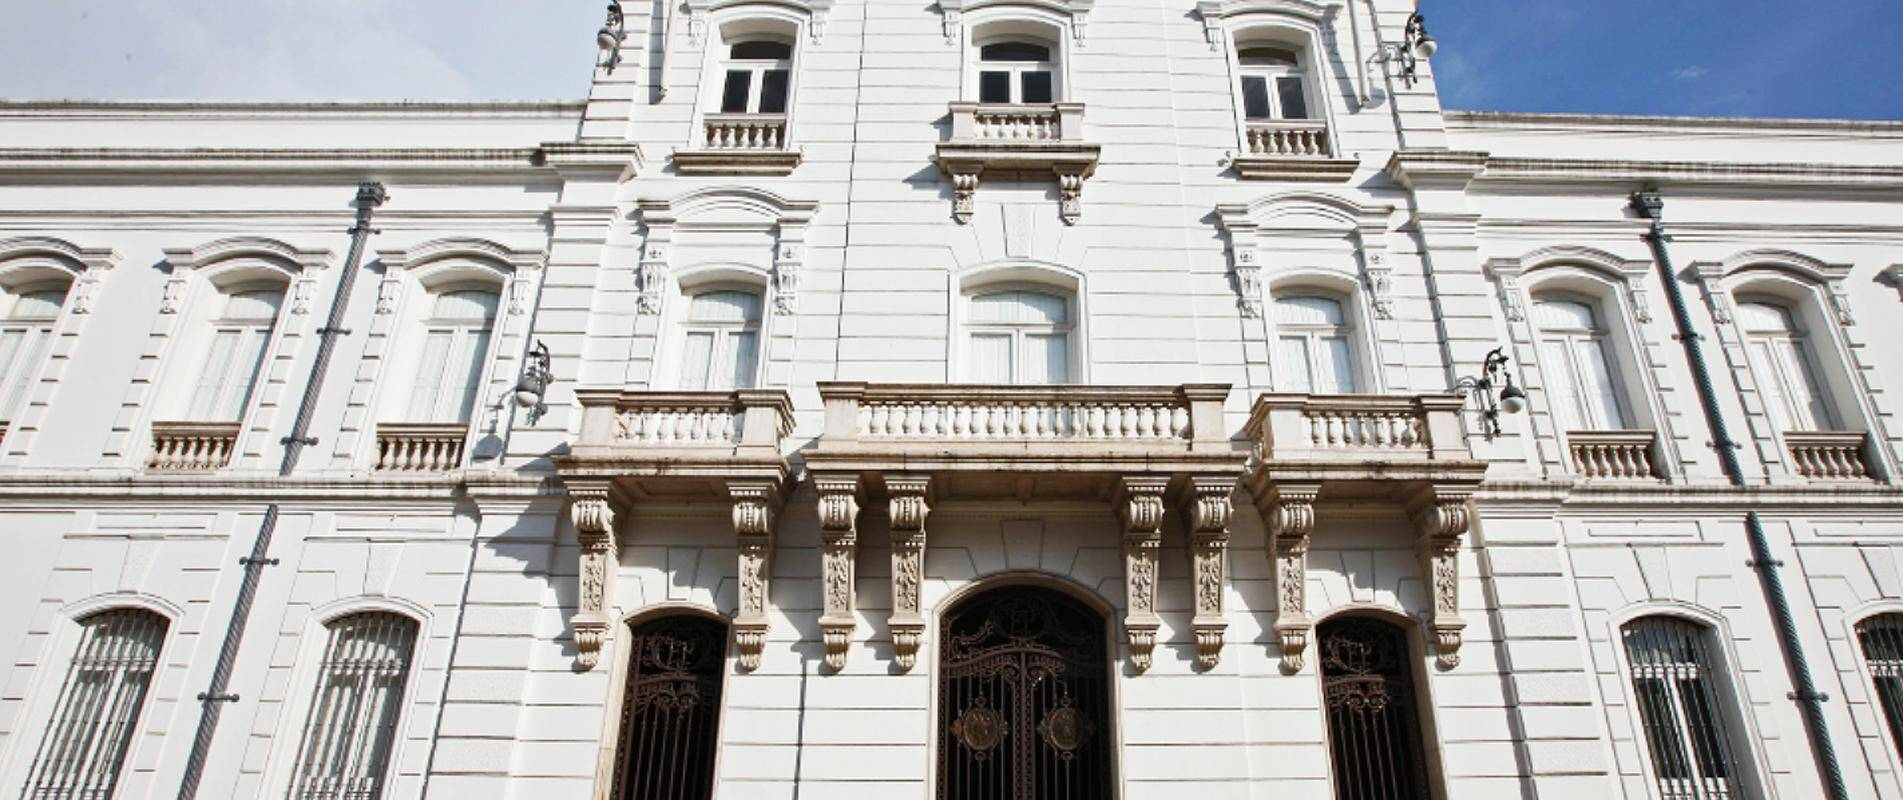 O Museu Histórico do Estado do Pará, instalado na antiga sede do governo, é uma atração histórica imperdível também. Foto: Divulgação